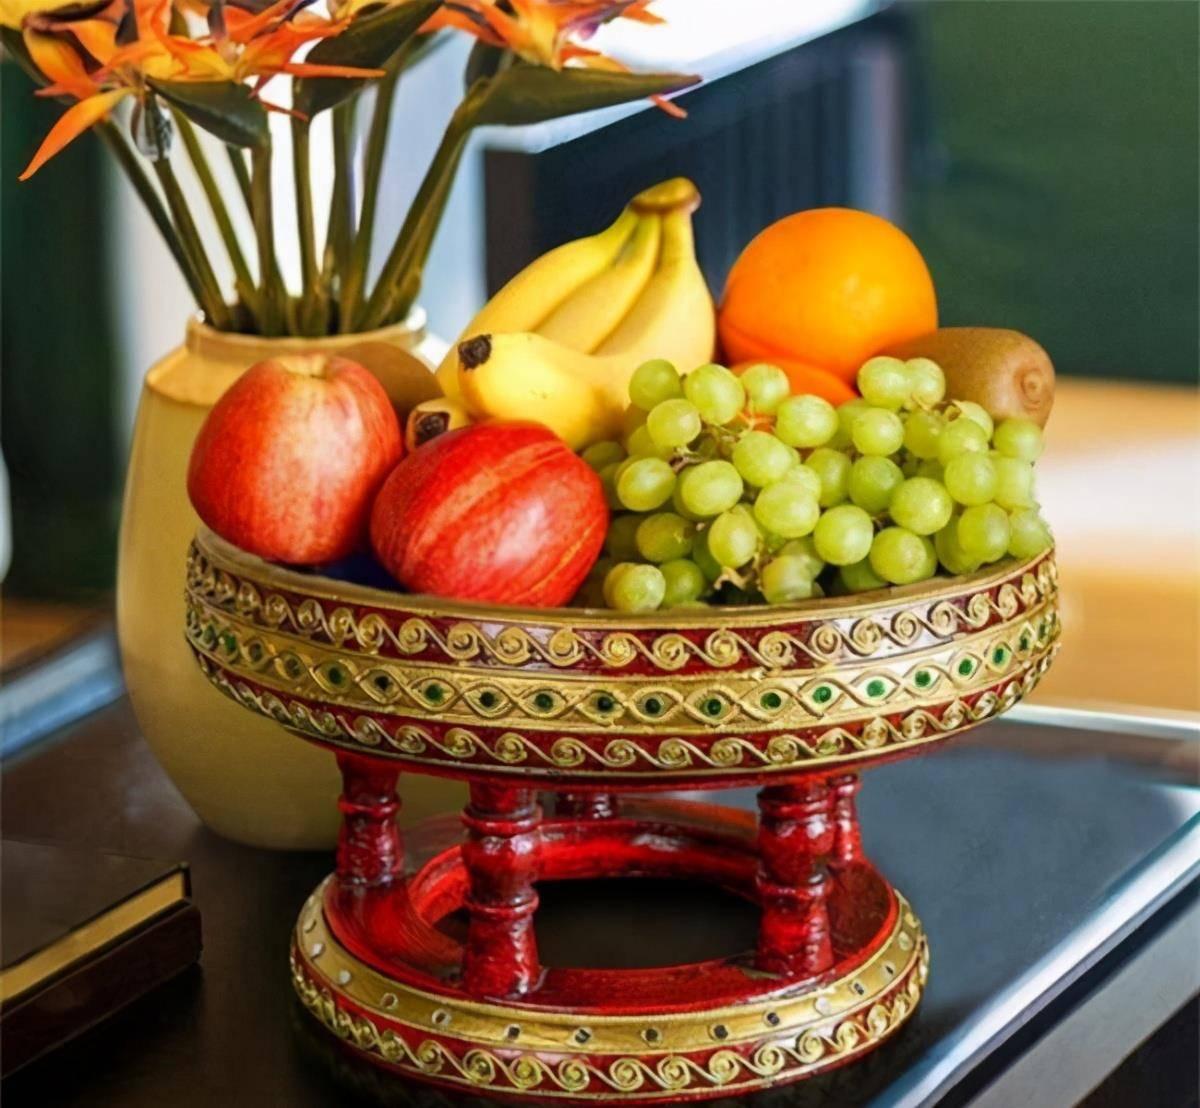 供佛最好的三种水果 财神爷贡品放什么招财